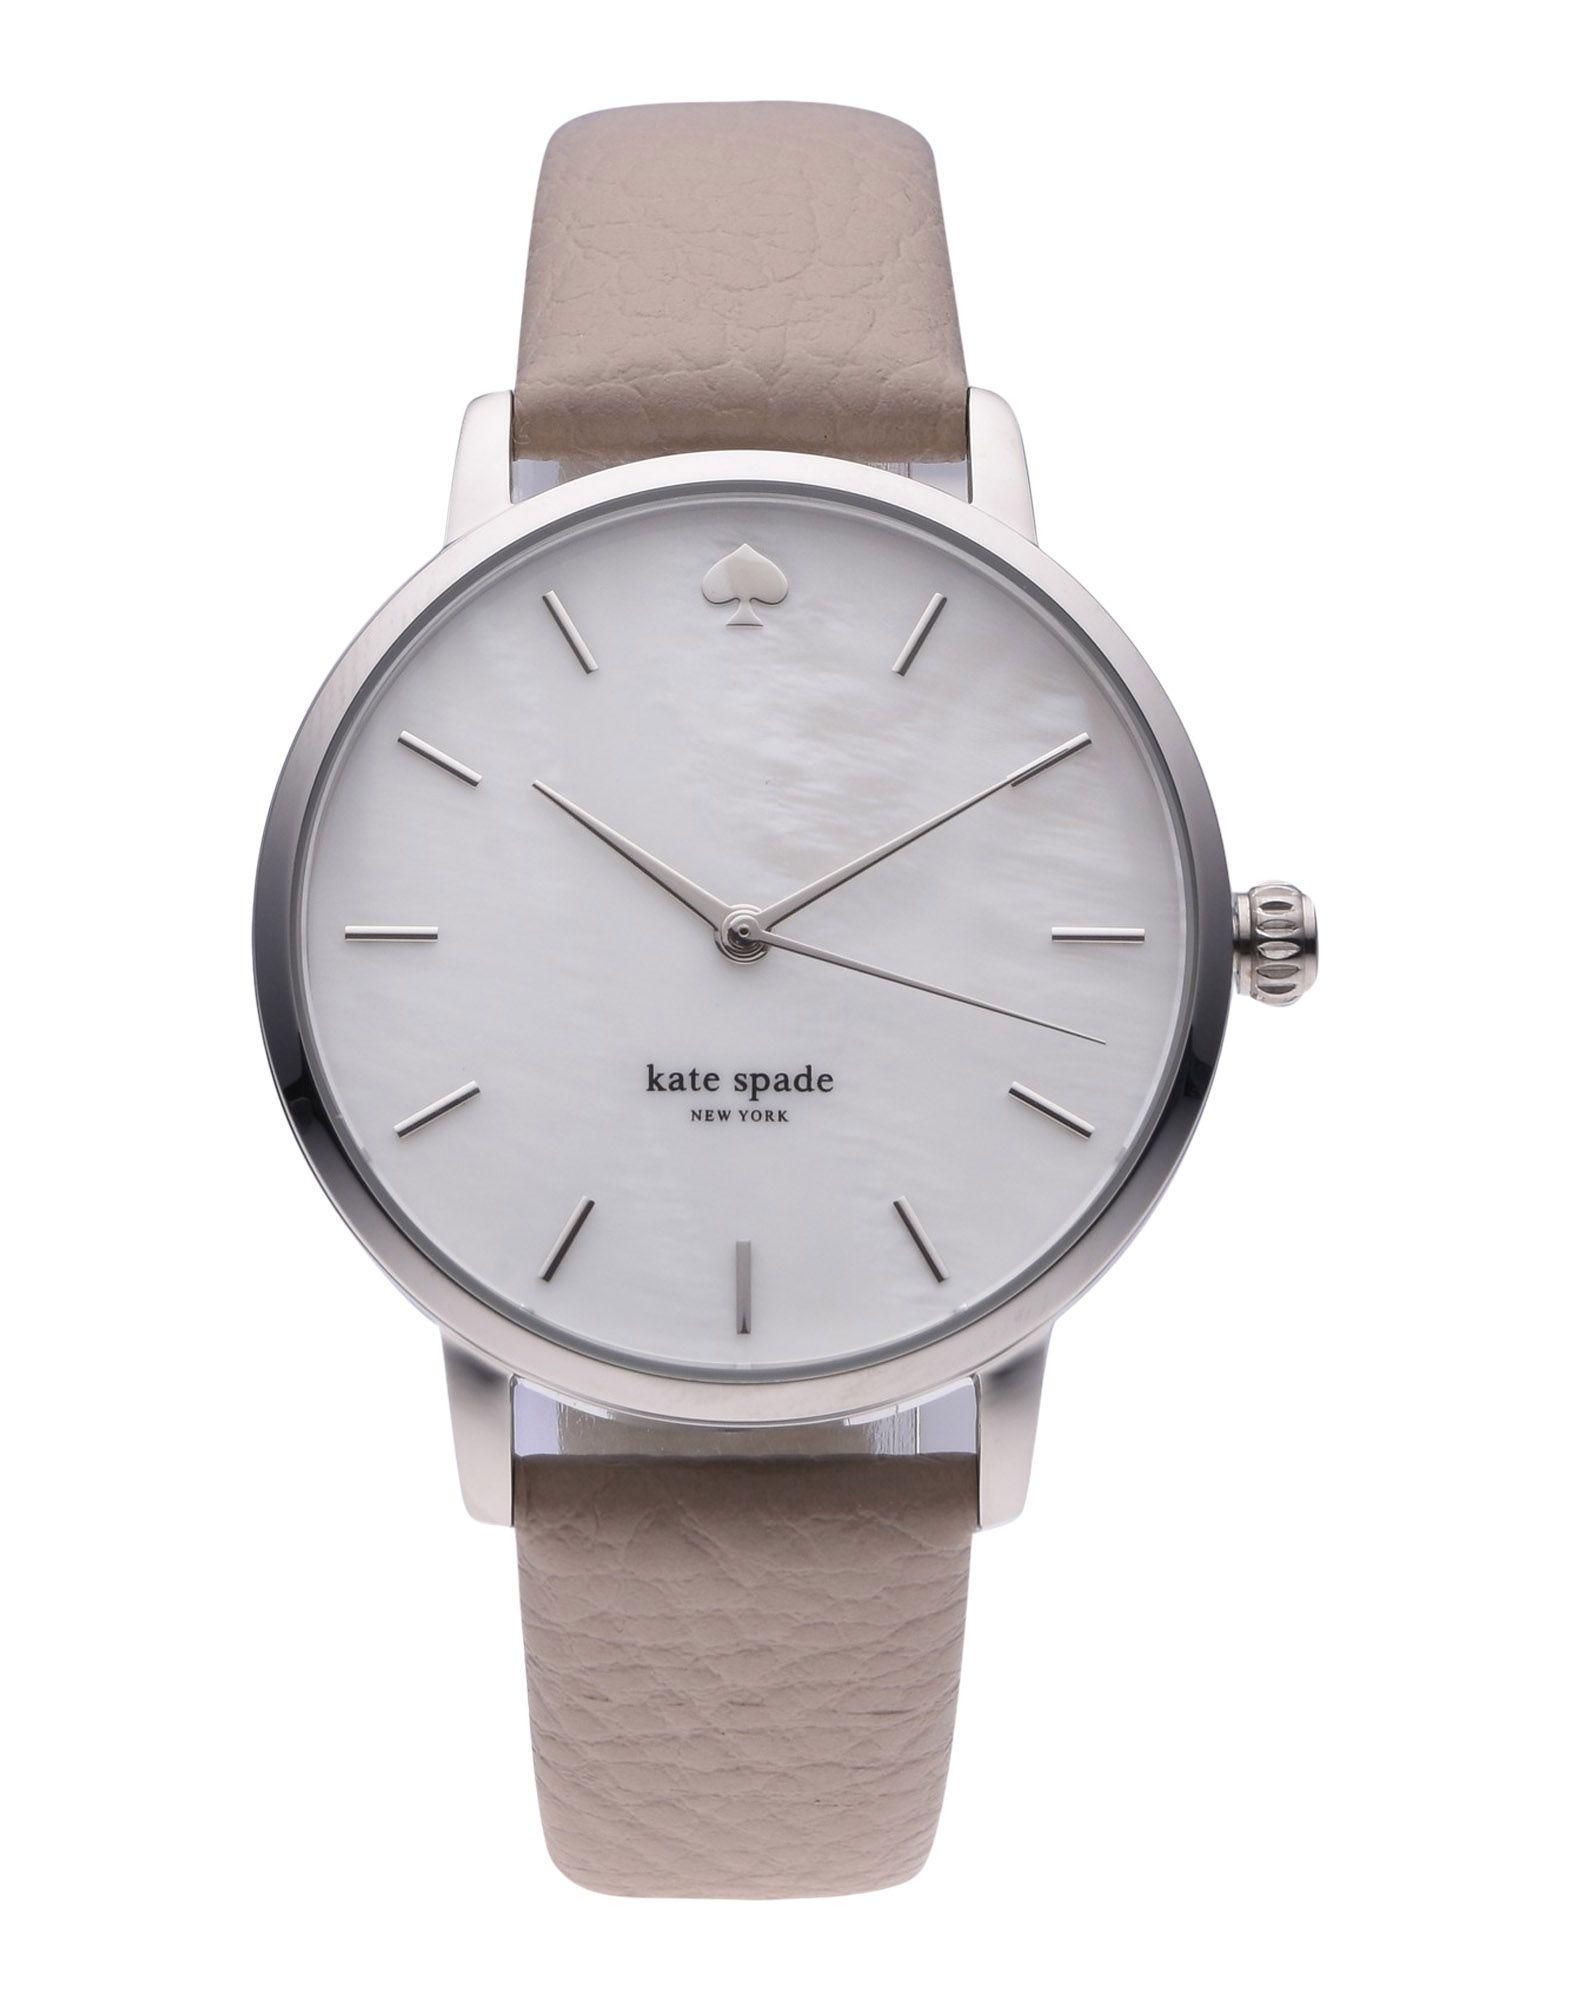 KATE SPADE New York Наручные часы kate spade new york beauty case